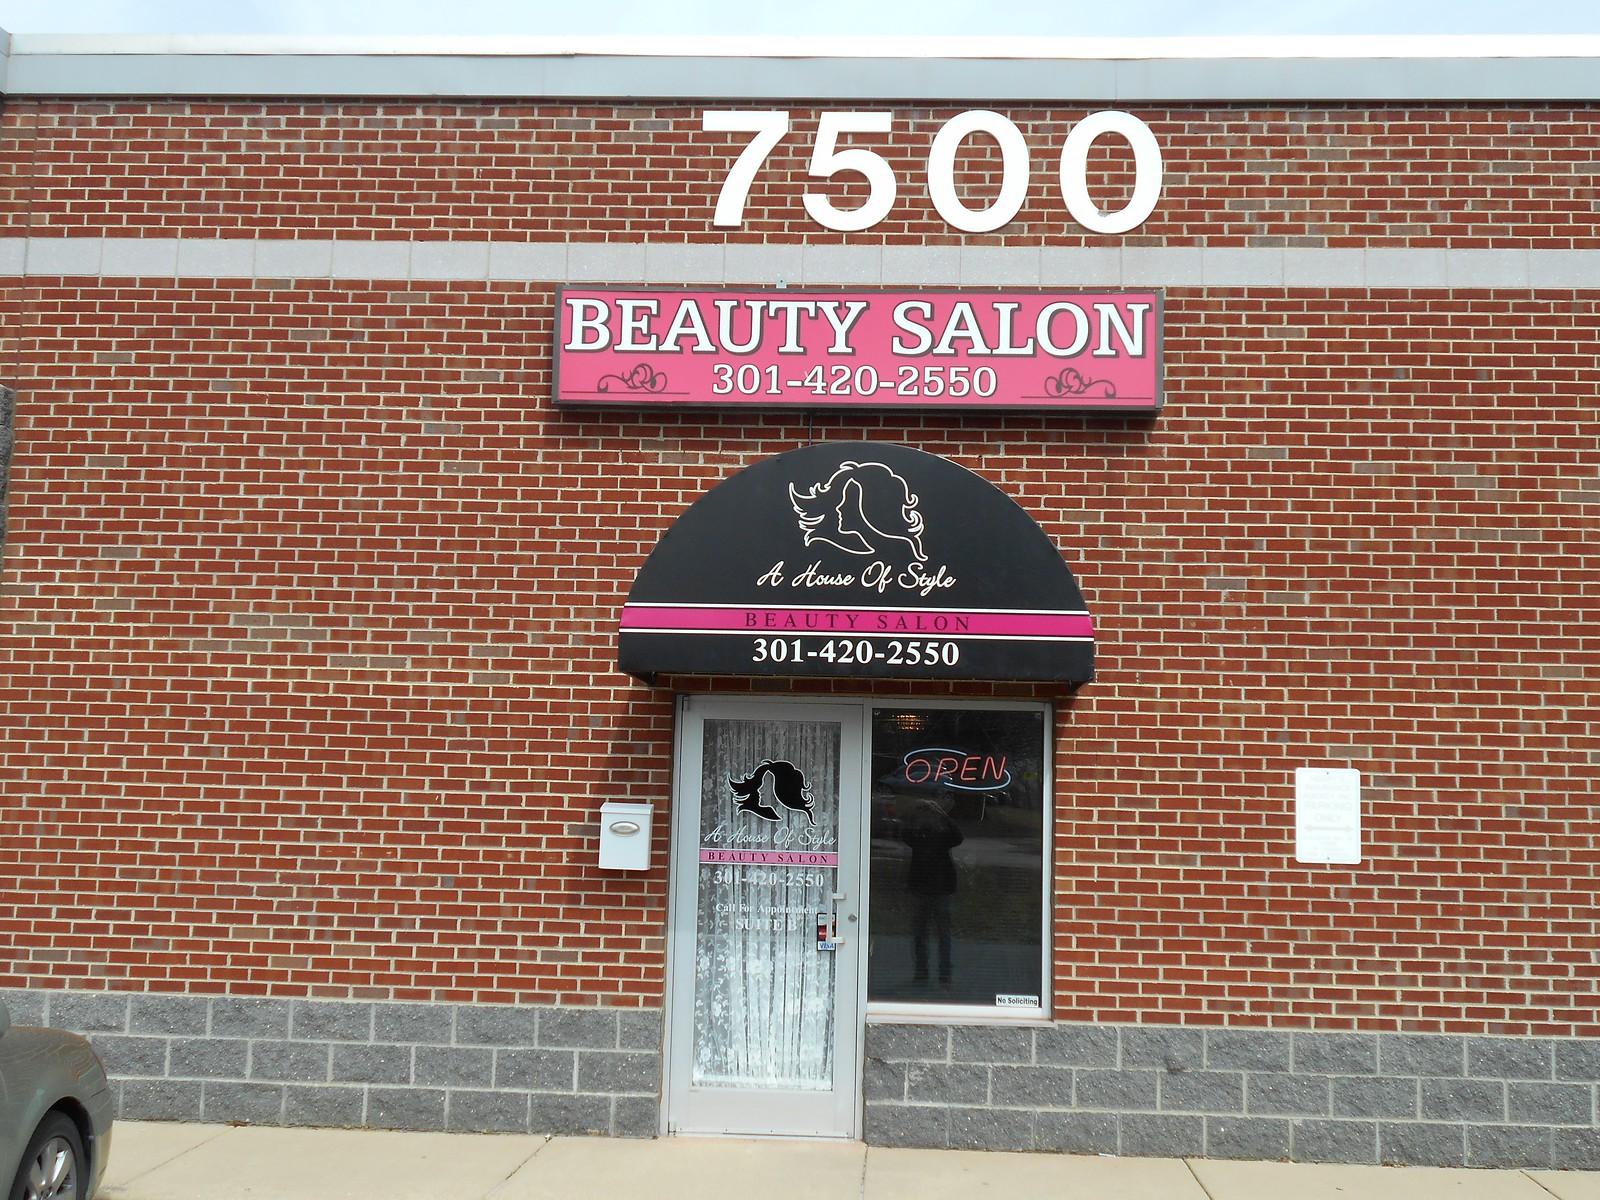 Beauty Salon Awning